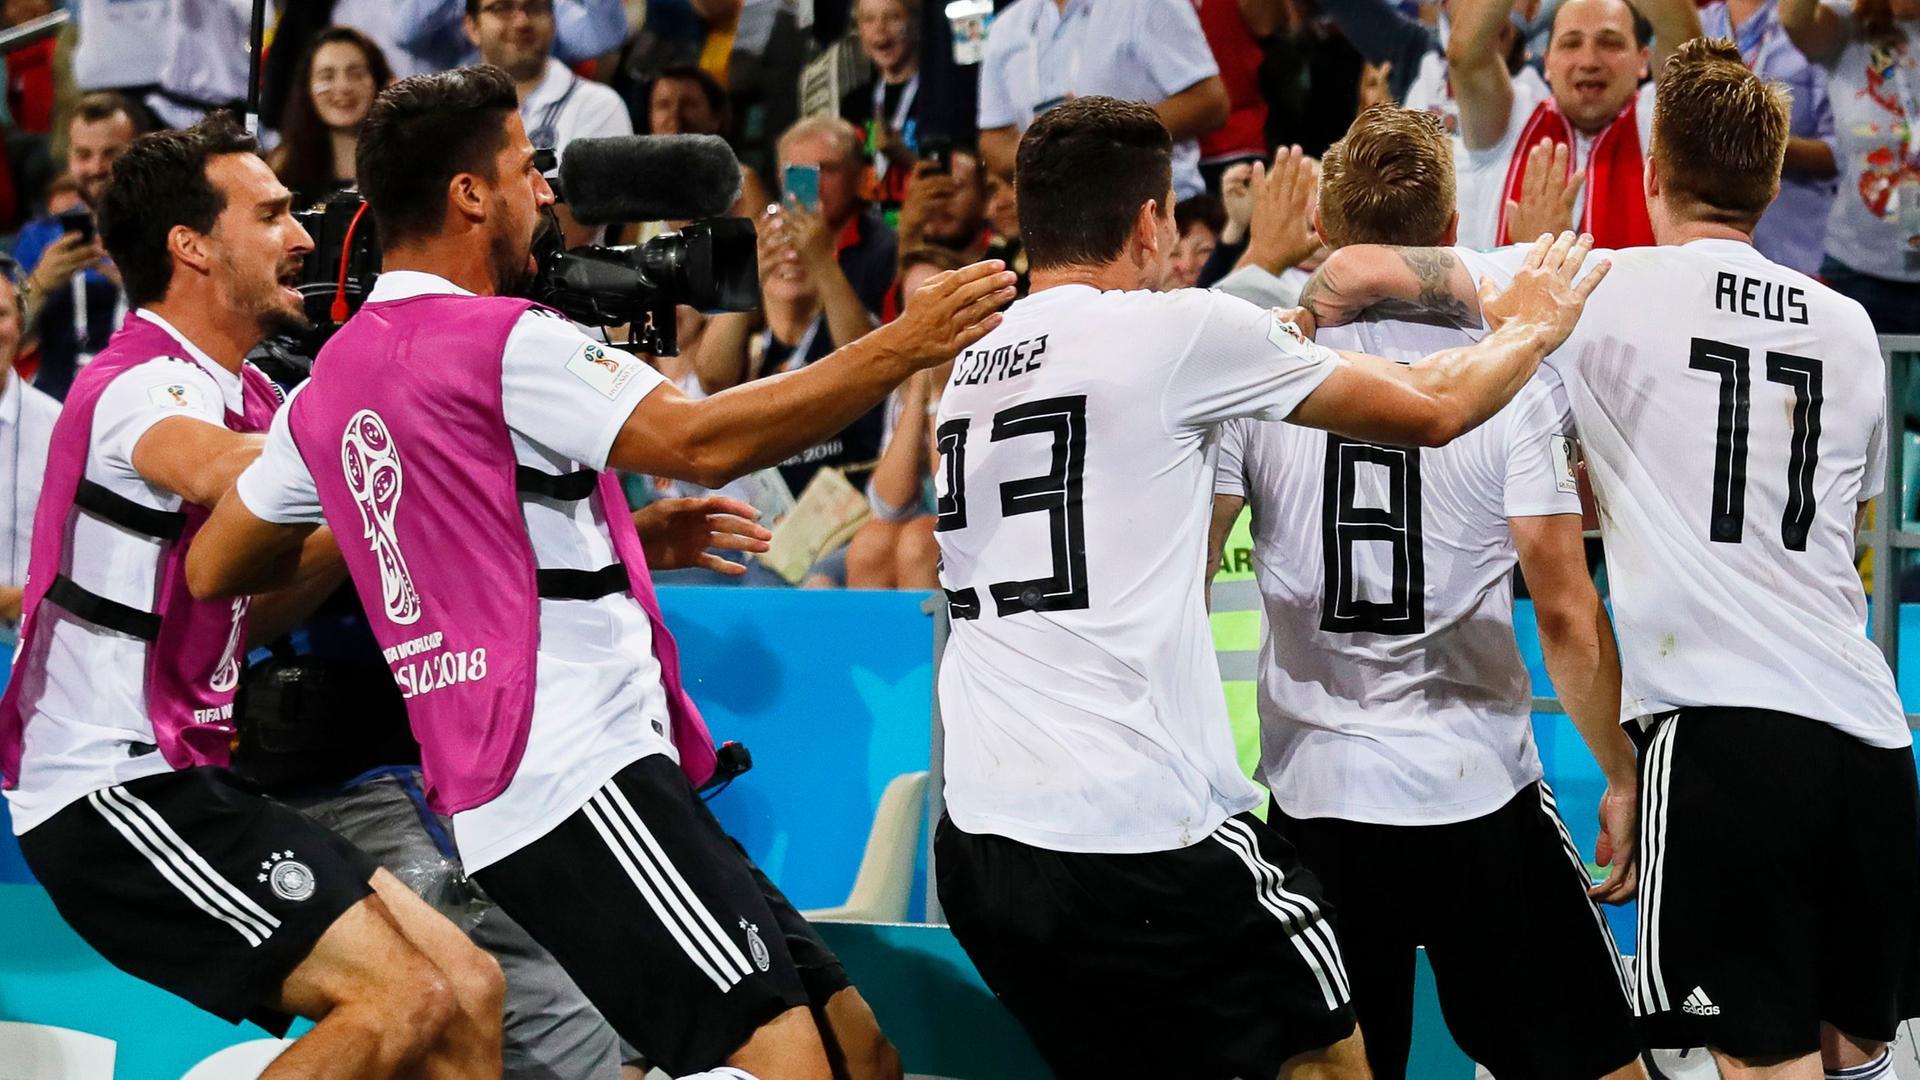 Gruppe F Deutschland Schweden 21 Fifa Wm 2018 Zdfmediathek